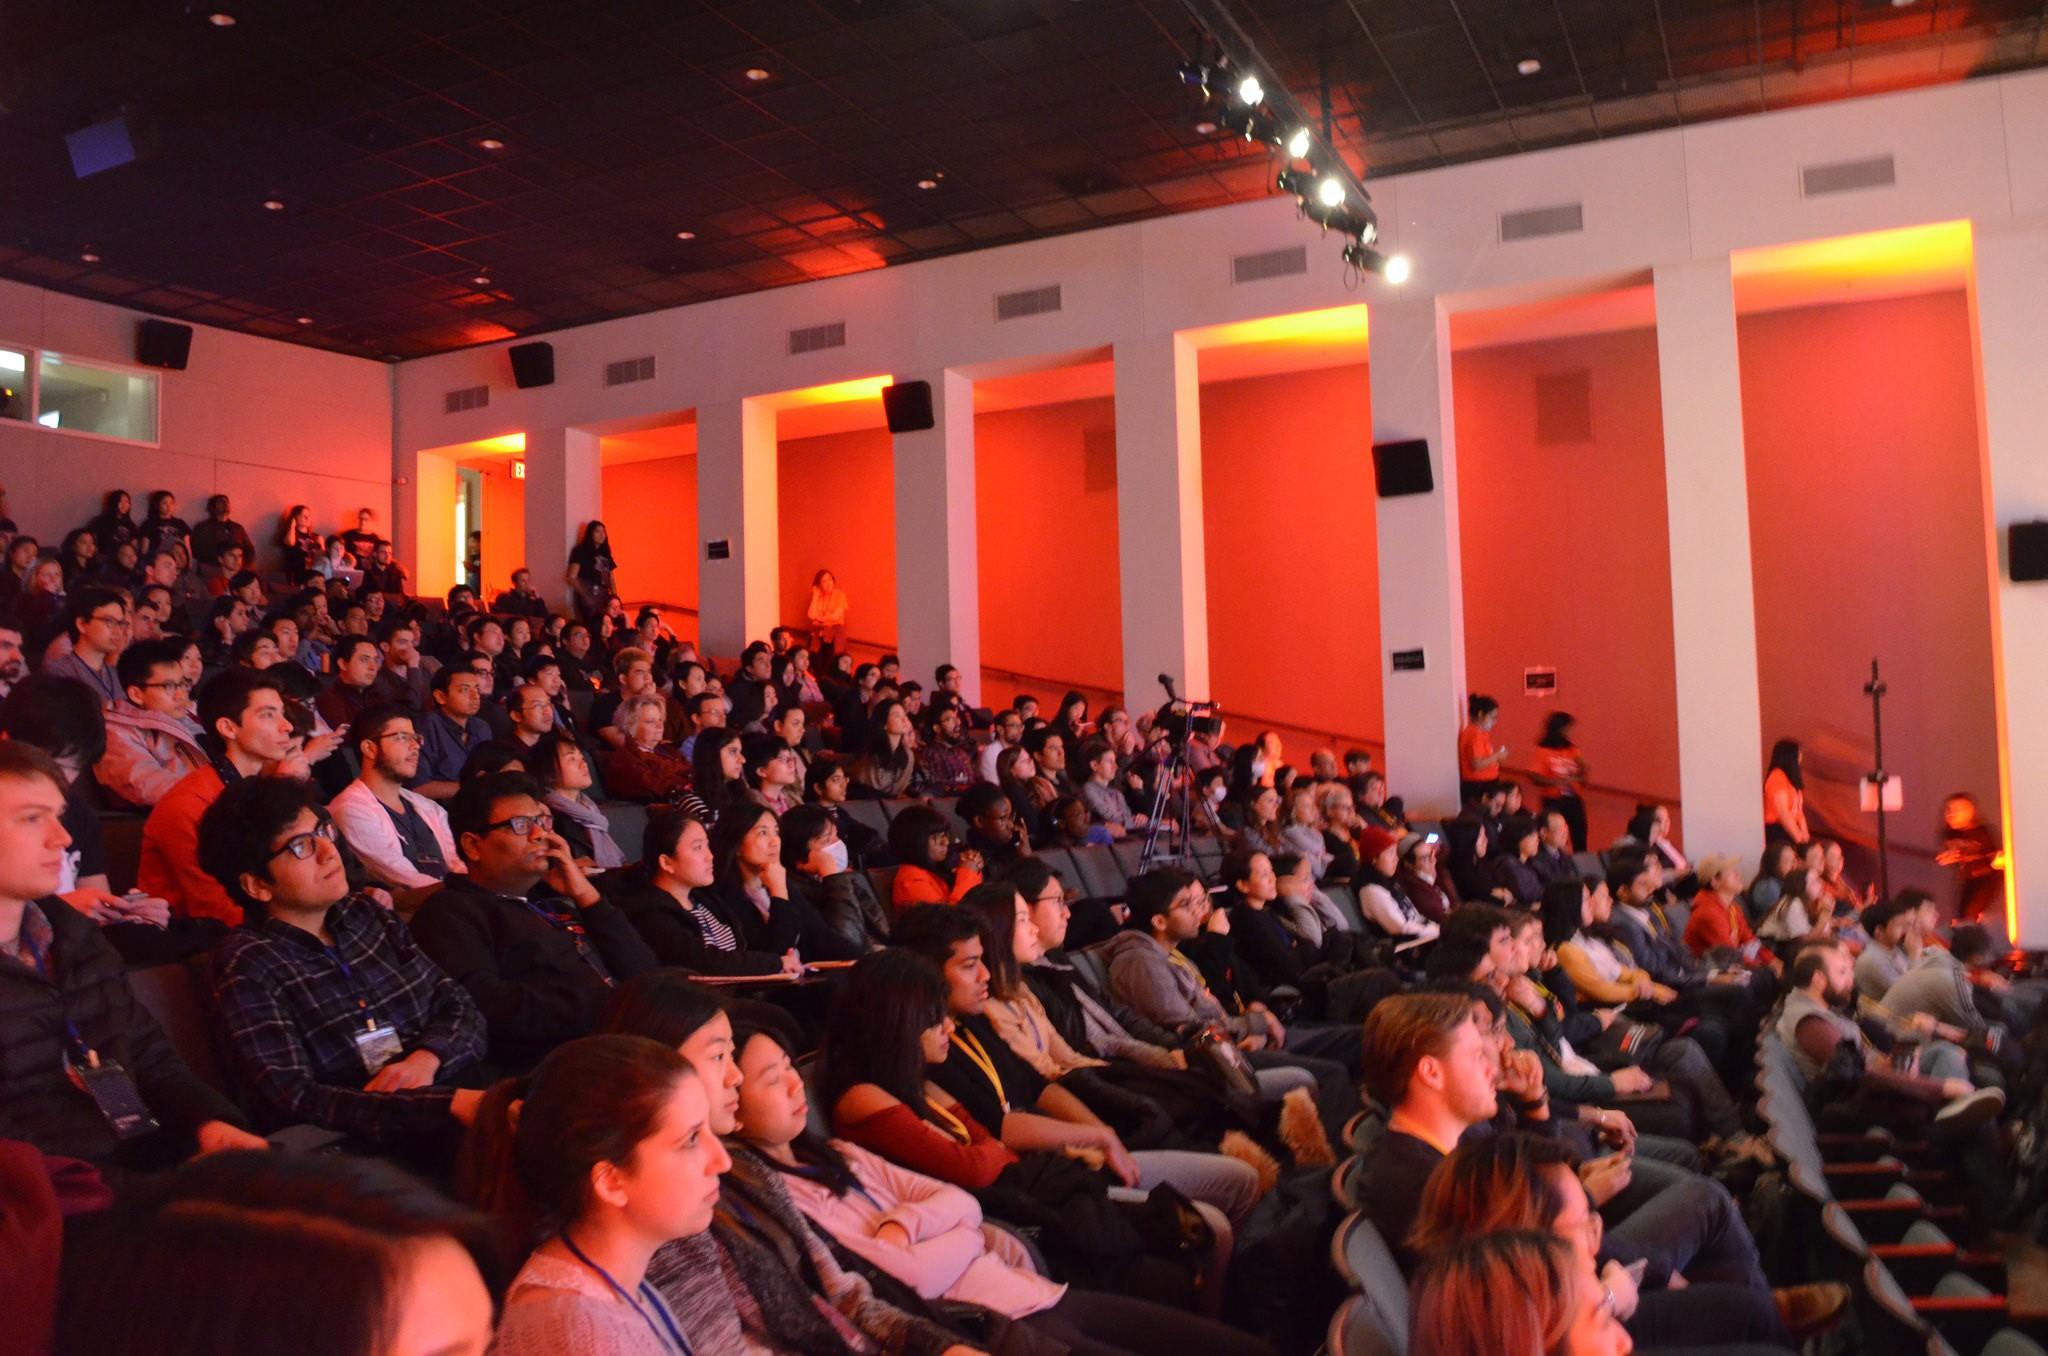 TEDx at Pitt and CMU